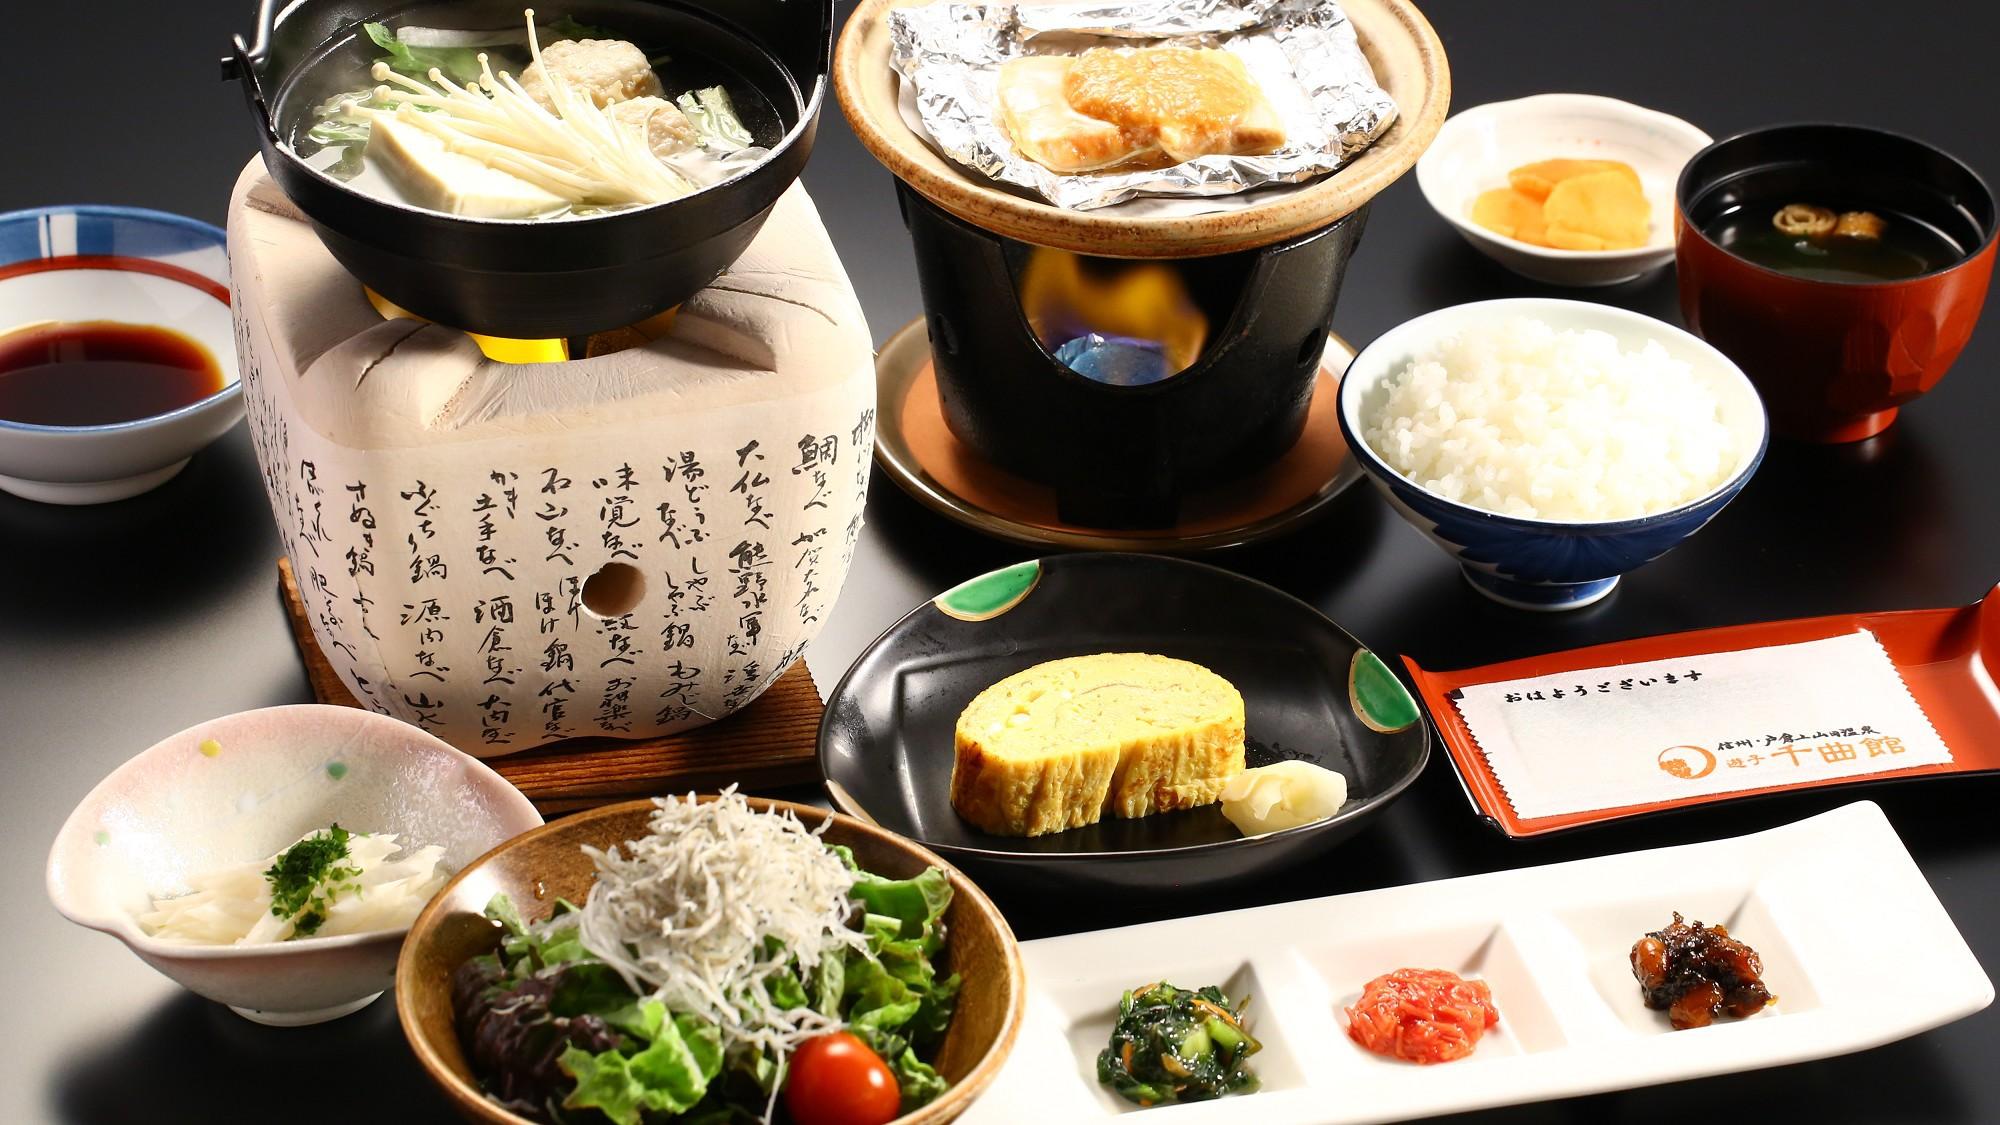 ◇朝食膳(一例)。鮭は甘めの田舎味噌で焼いて。